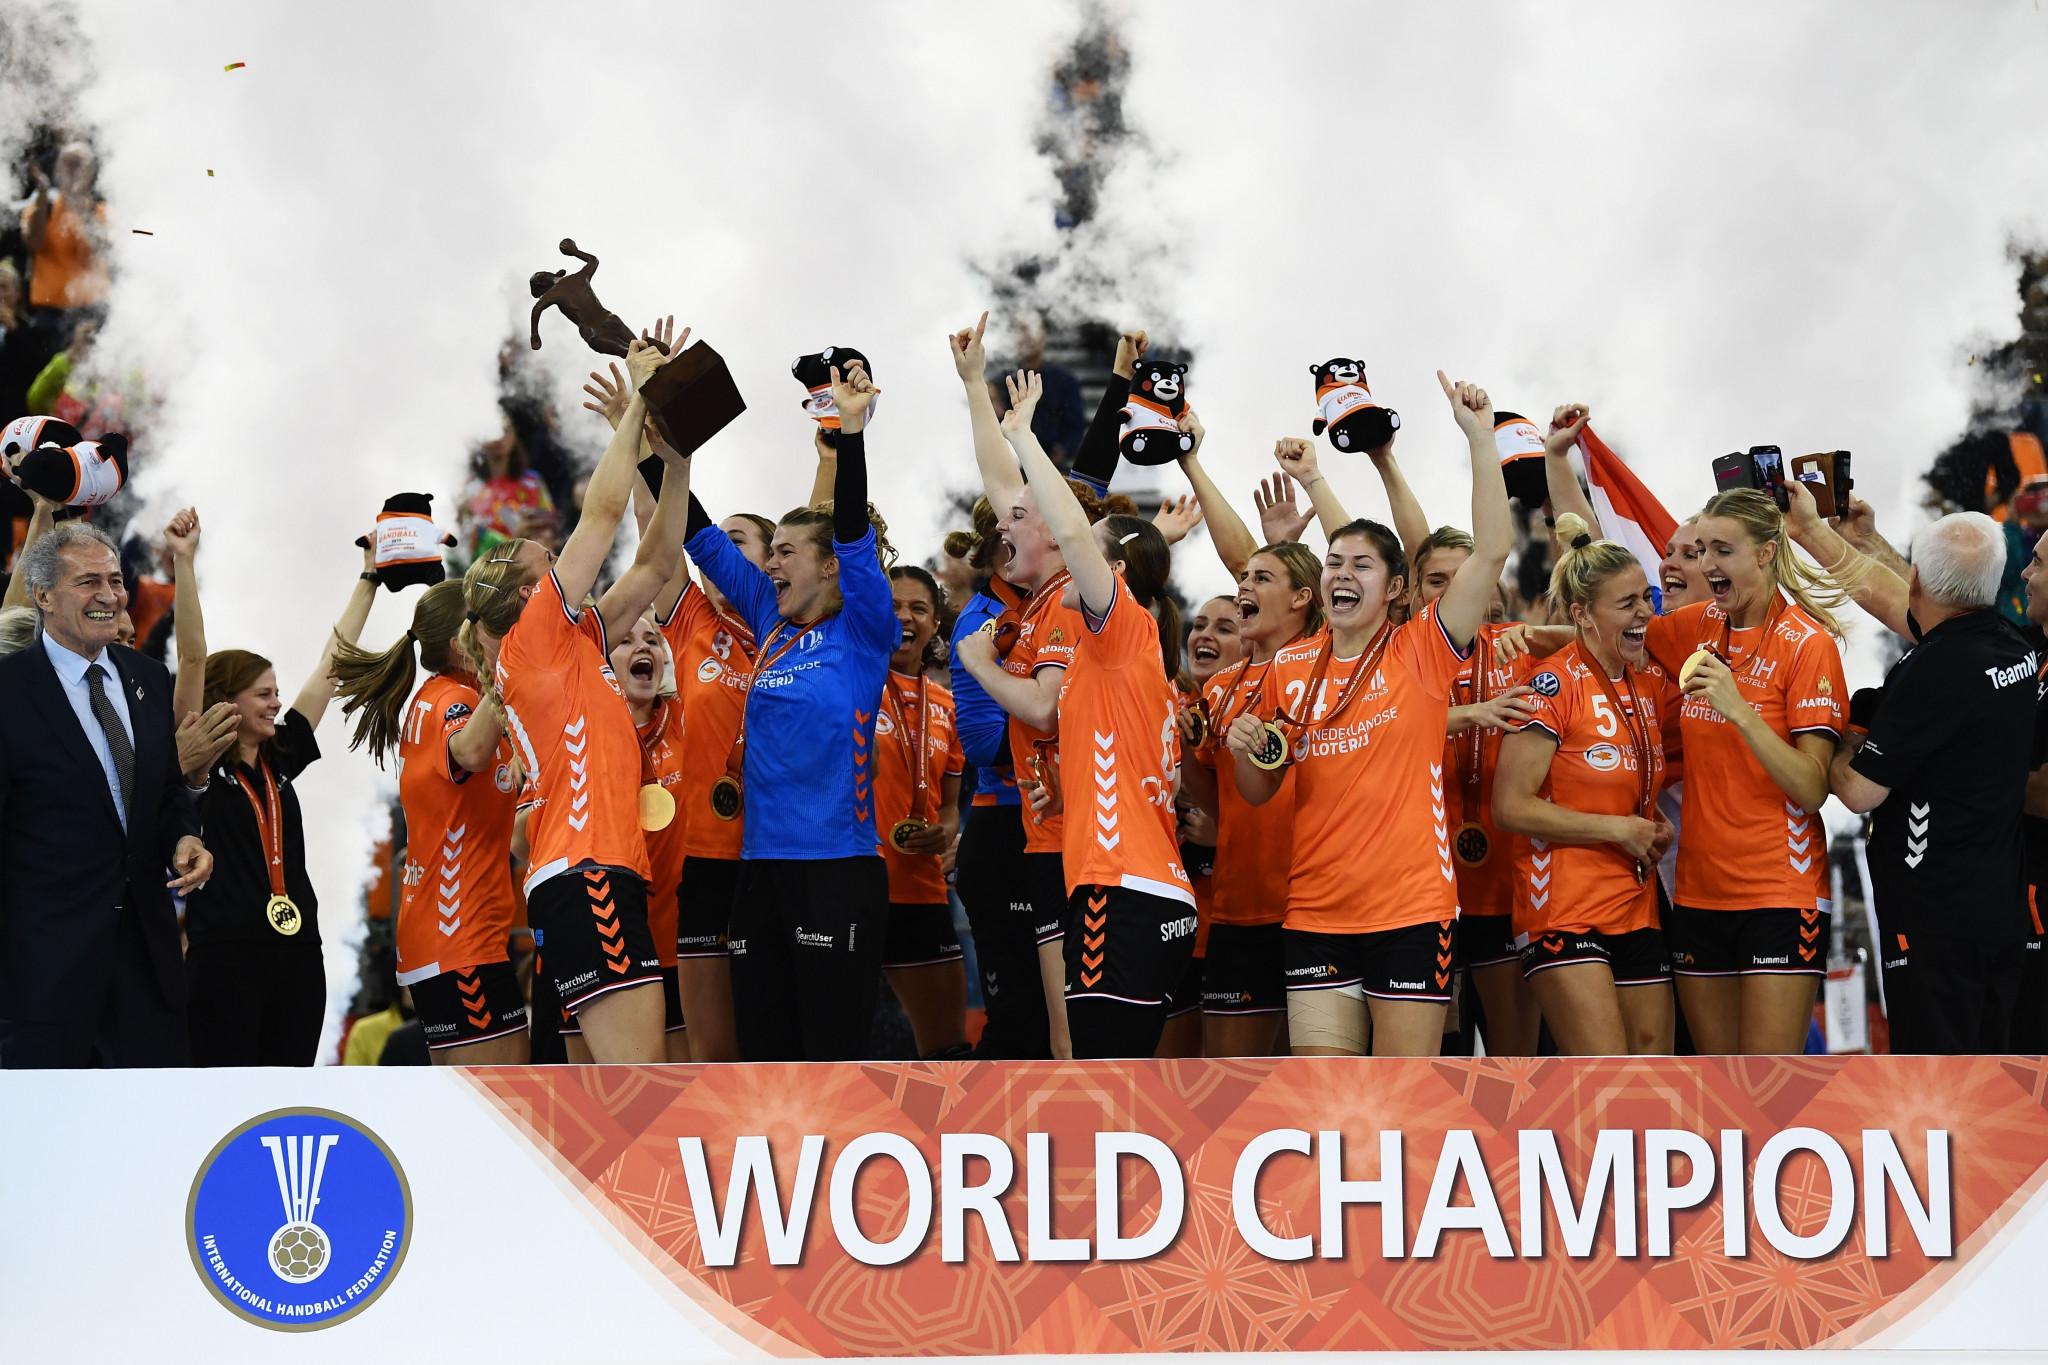 Holandsko je aktuálnym majstrom sveta v hádzanej žien po tom, čo vo finále 2019 porazilo Španielsko o jeden bod. © Getty Images